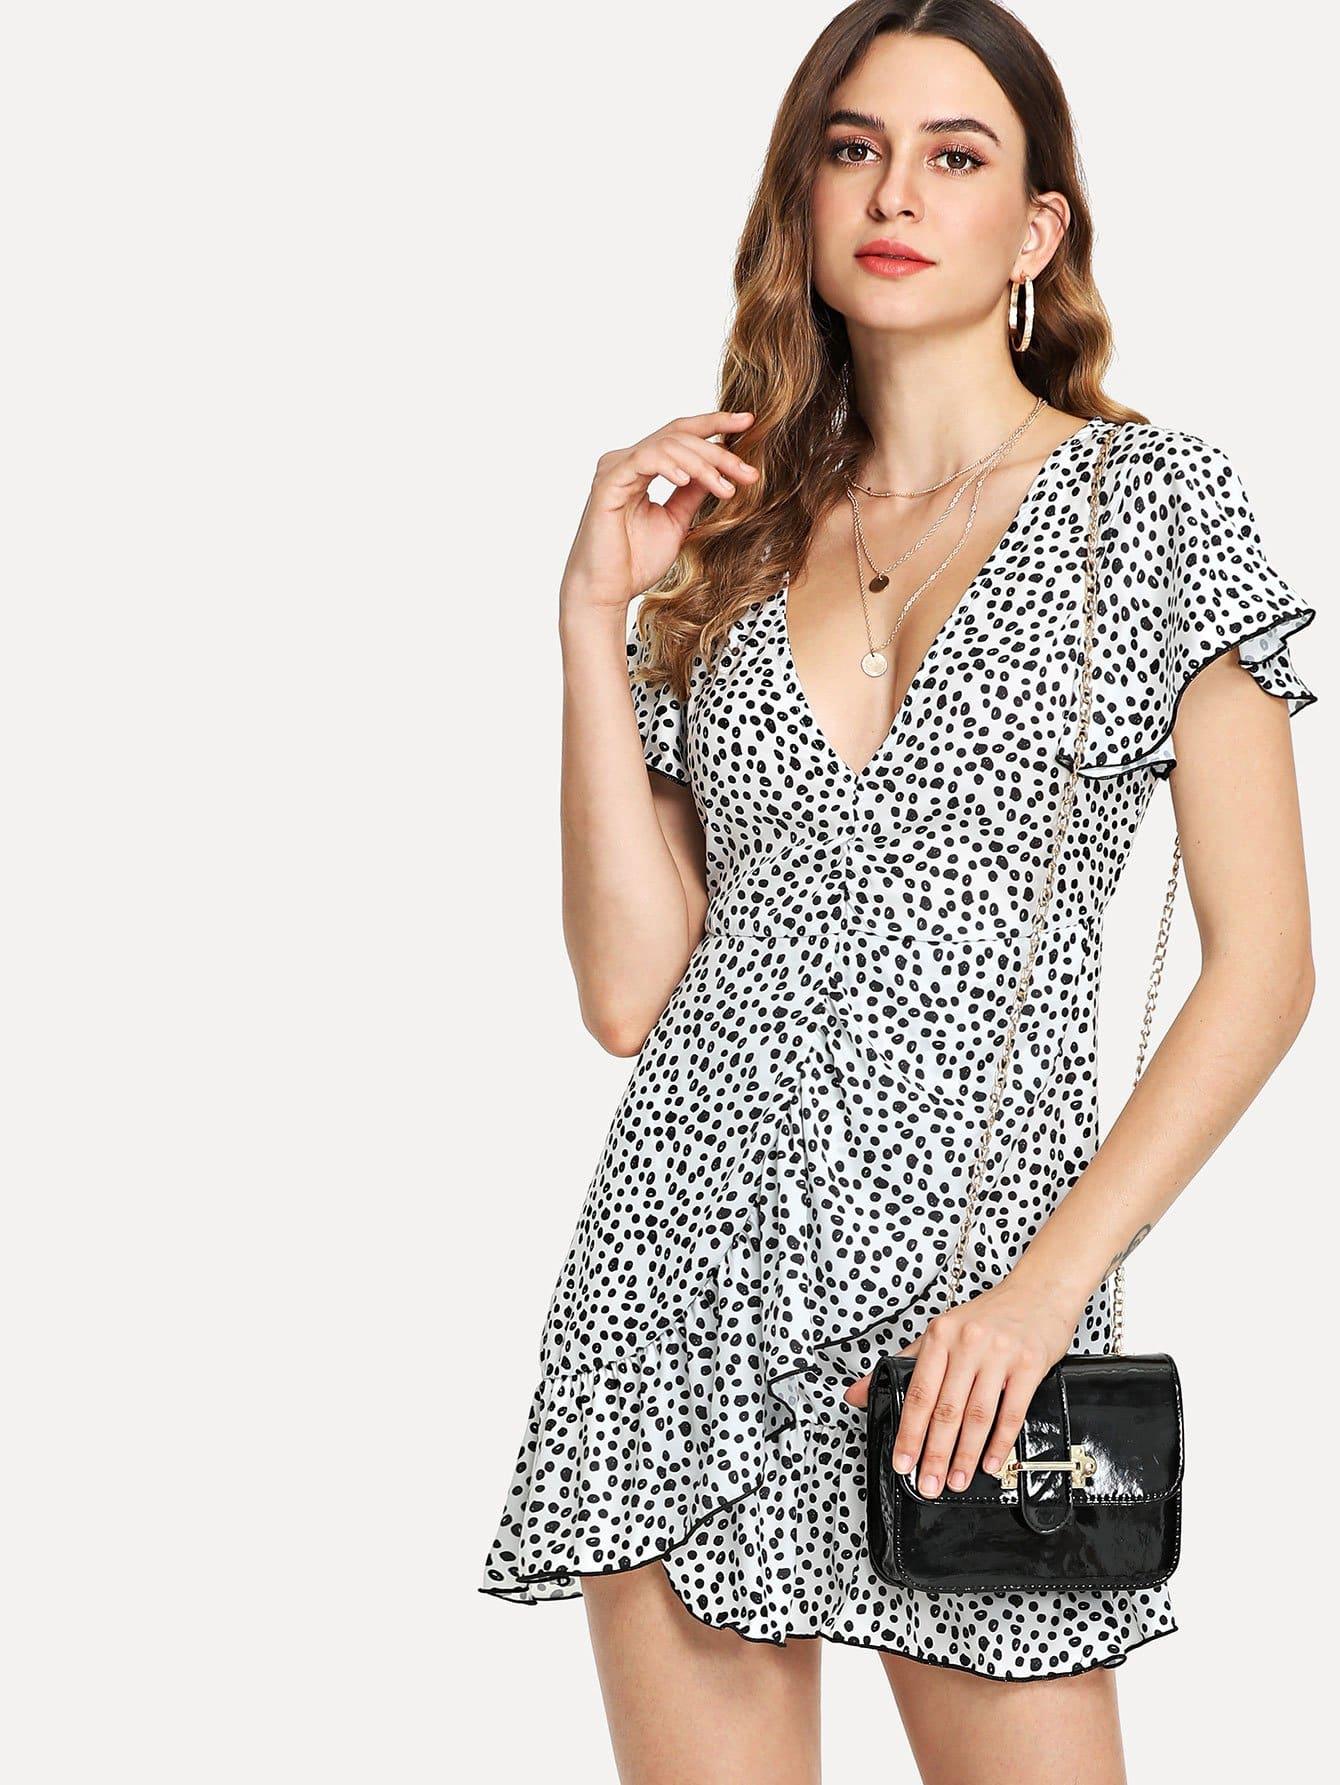 Ruffle Trim Overlap Front Dress overlap front m slit velvet dress